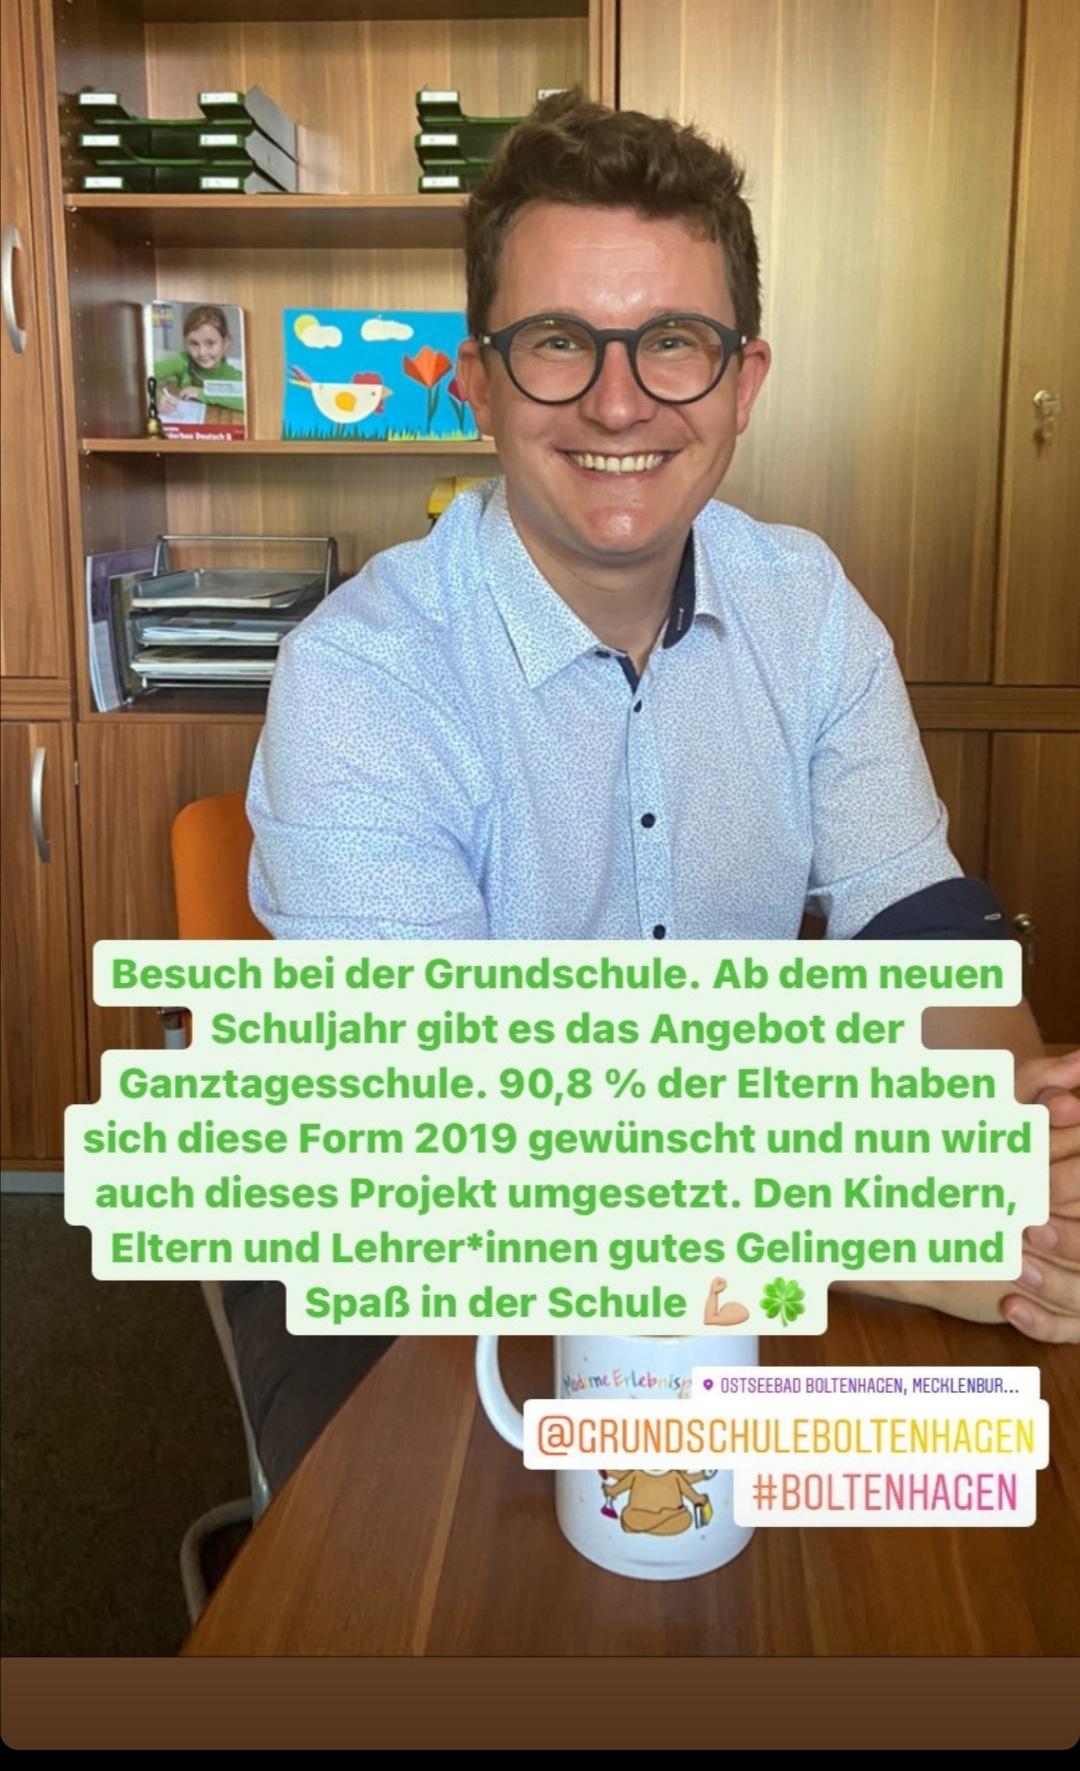 Ab dem neuen Schuljahr gibt es das Angebot der Ganztagesschule in Boltenhagen.